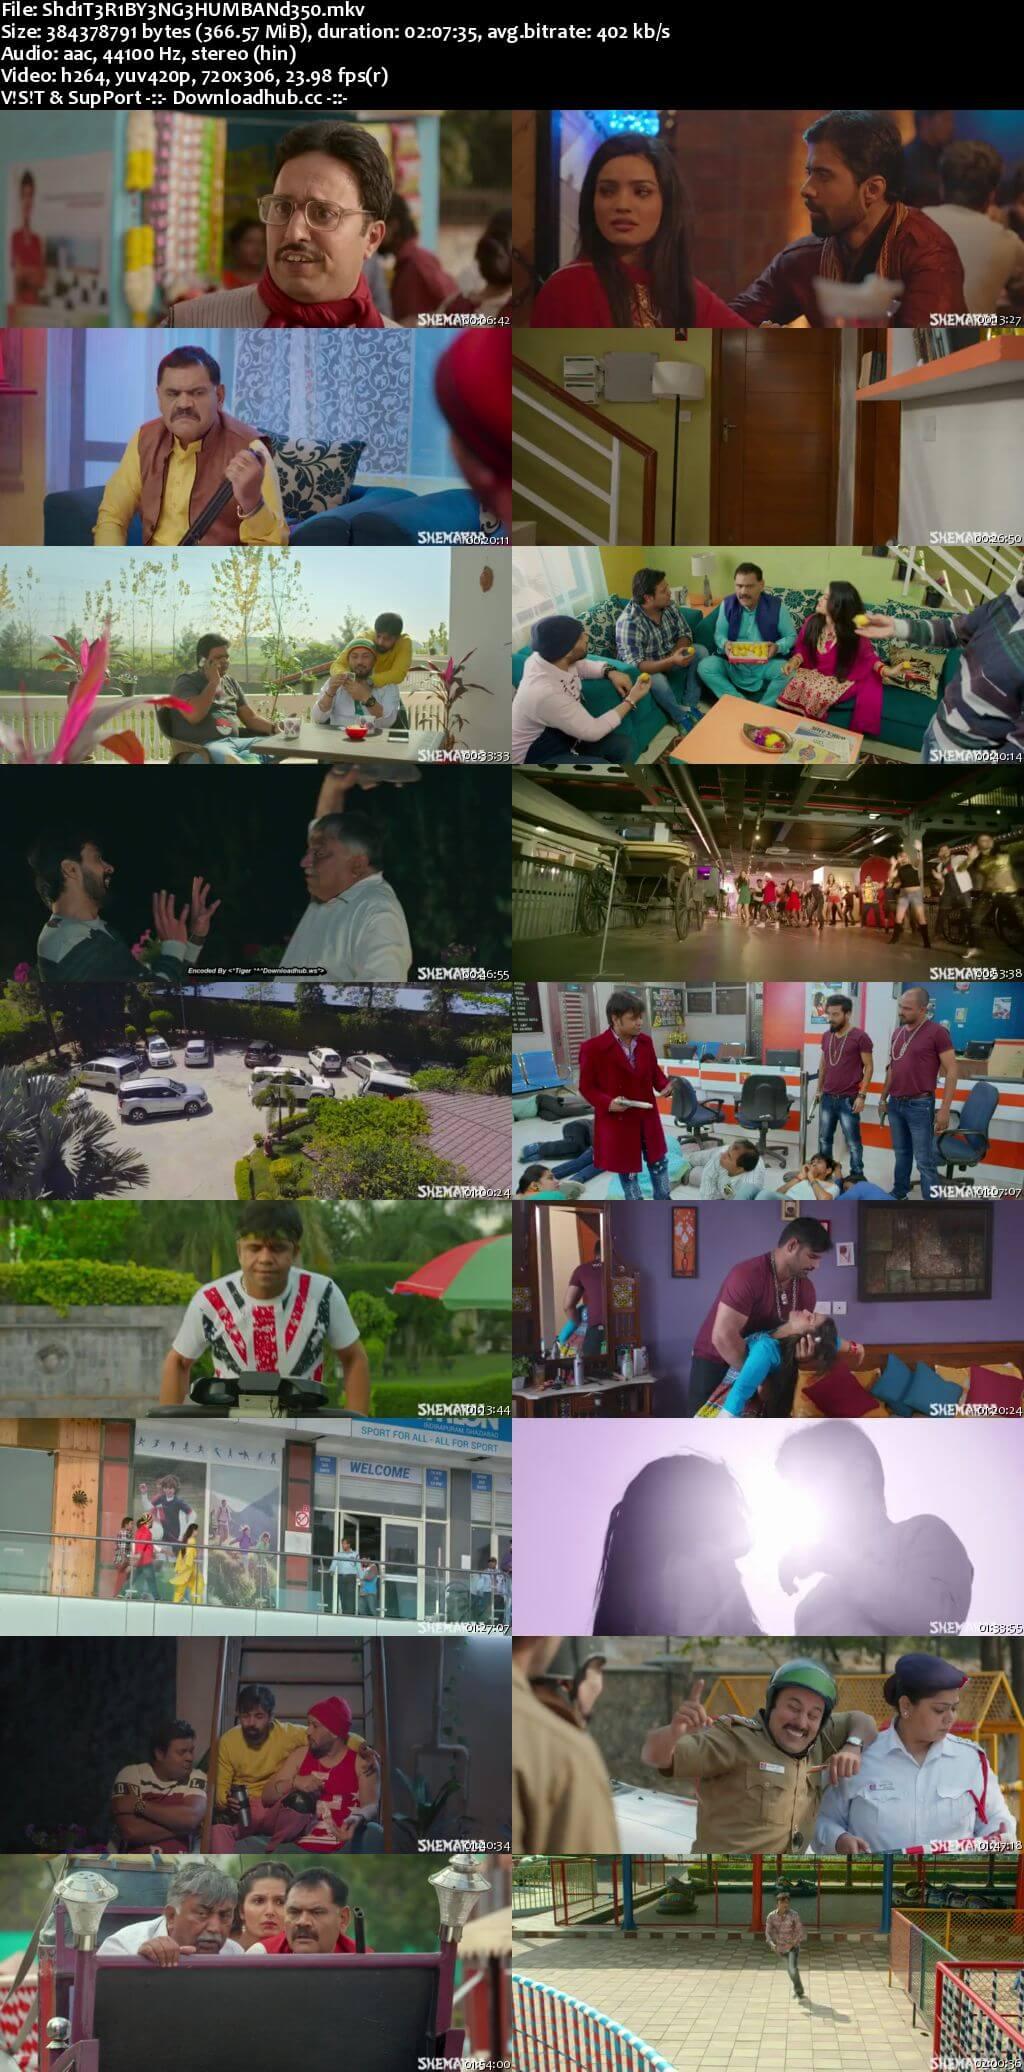 Shaadi Teri Bajayenge Hum Band 2018 Hindi 480p HDRip